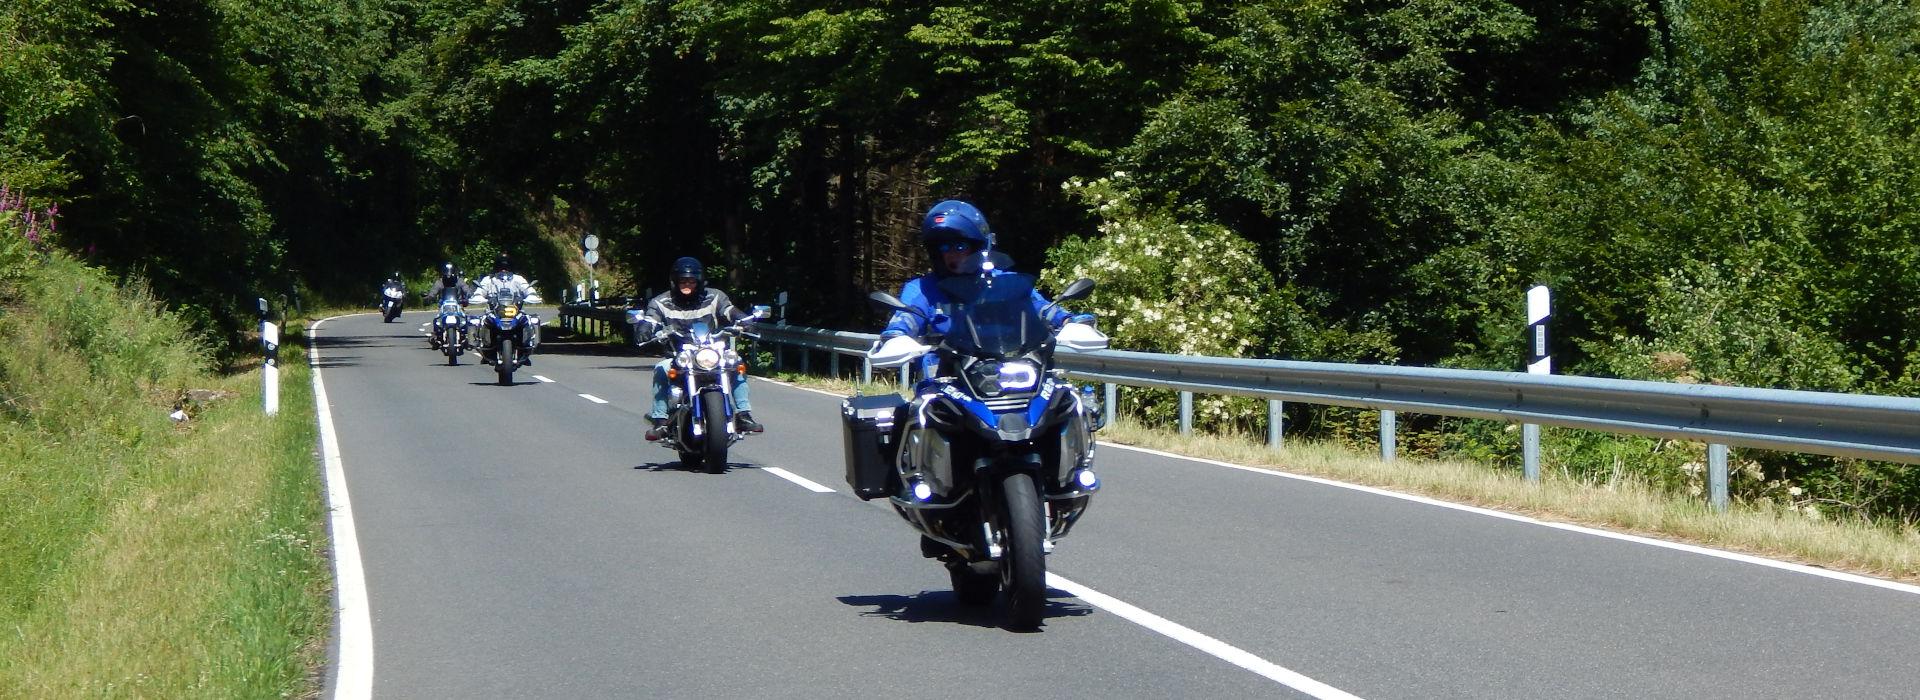 Motorrijbewijspoint Oudewater spoed motorrijbewijs